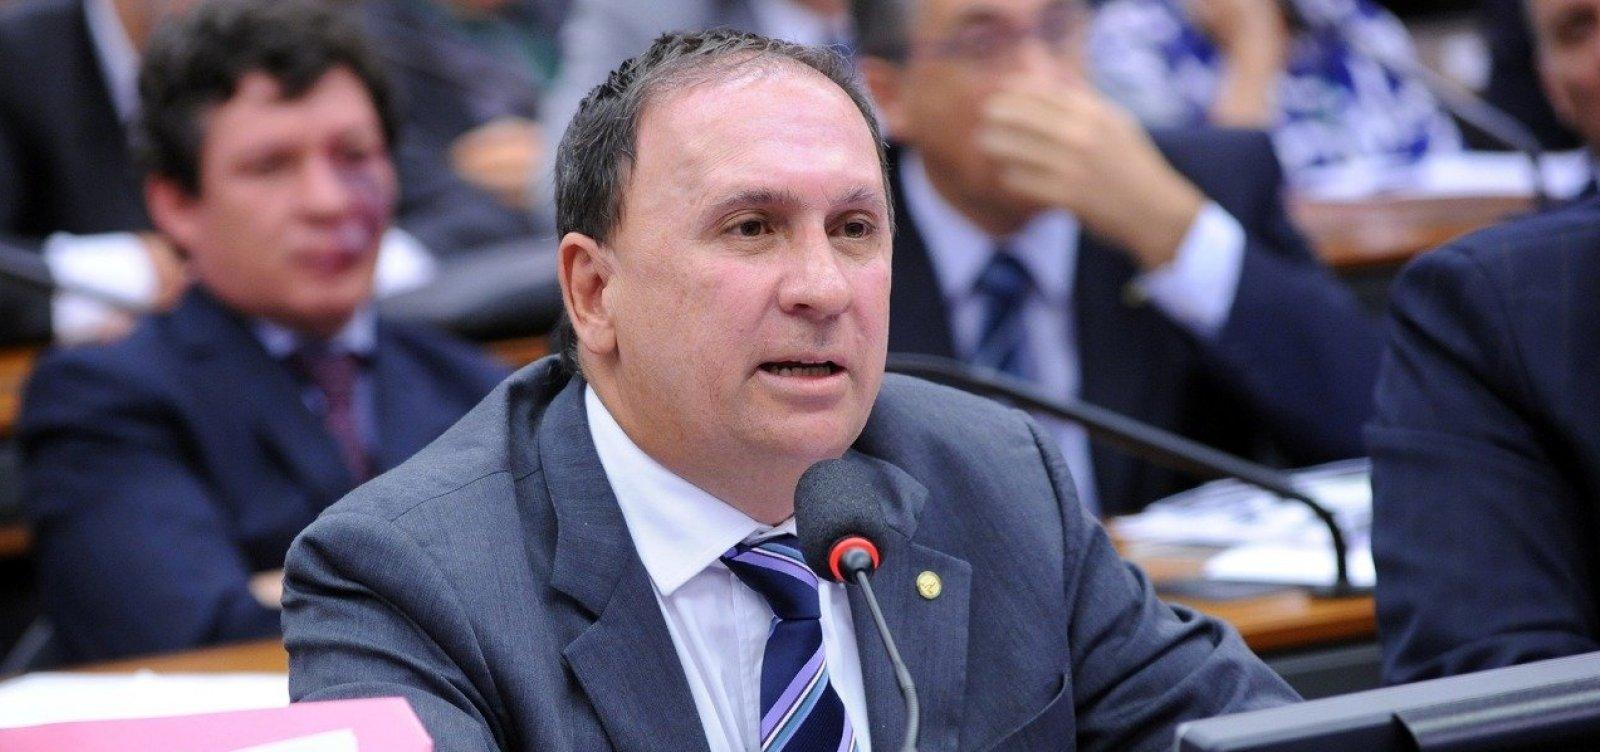 Gualberto diz que PSDB mantém apoio, mas chama Zé Ronaldo de 'oportunista'